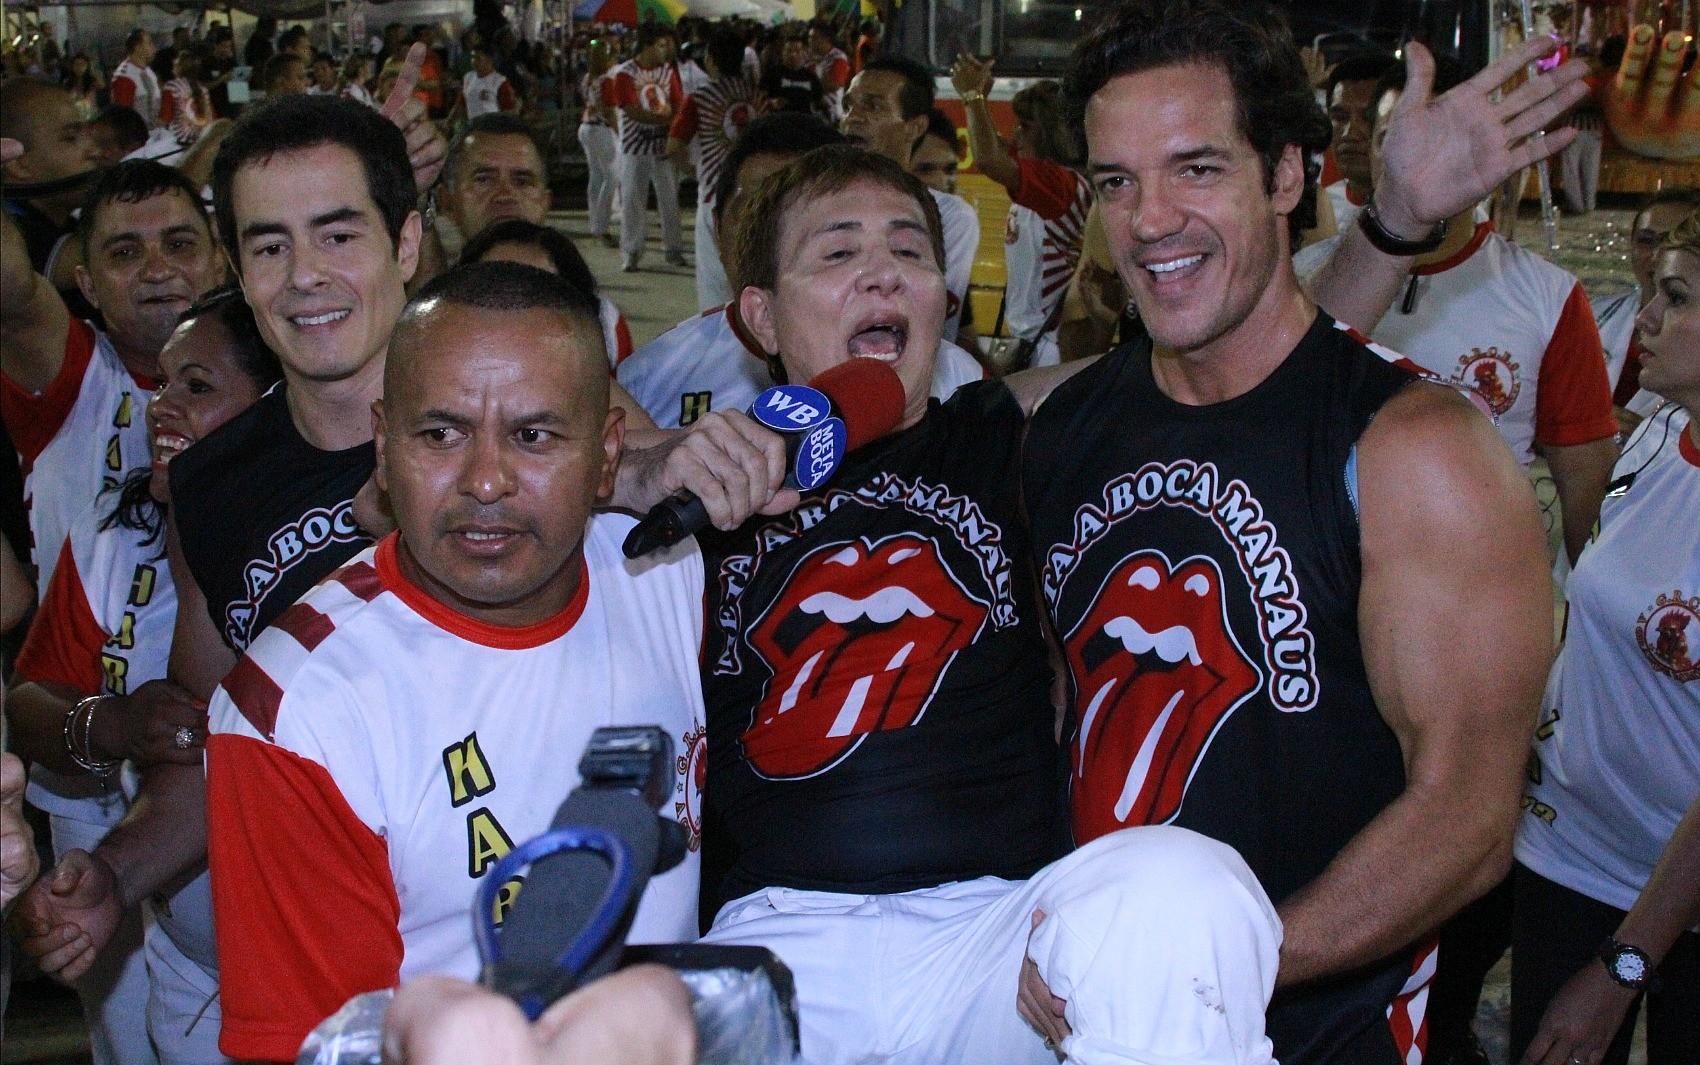 Homenageado pela Grande Família, Weiser Botelho é carregado (Foto: Frank Cunha/G1)